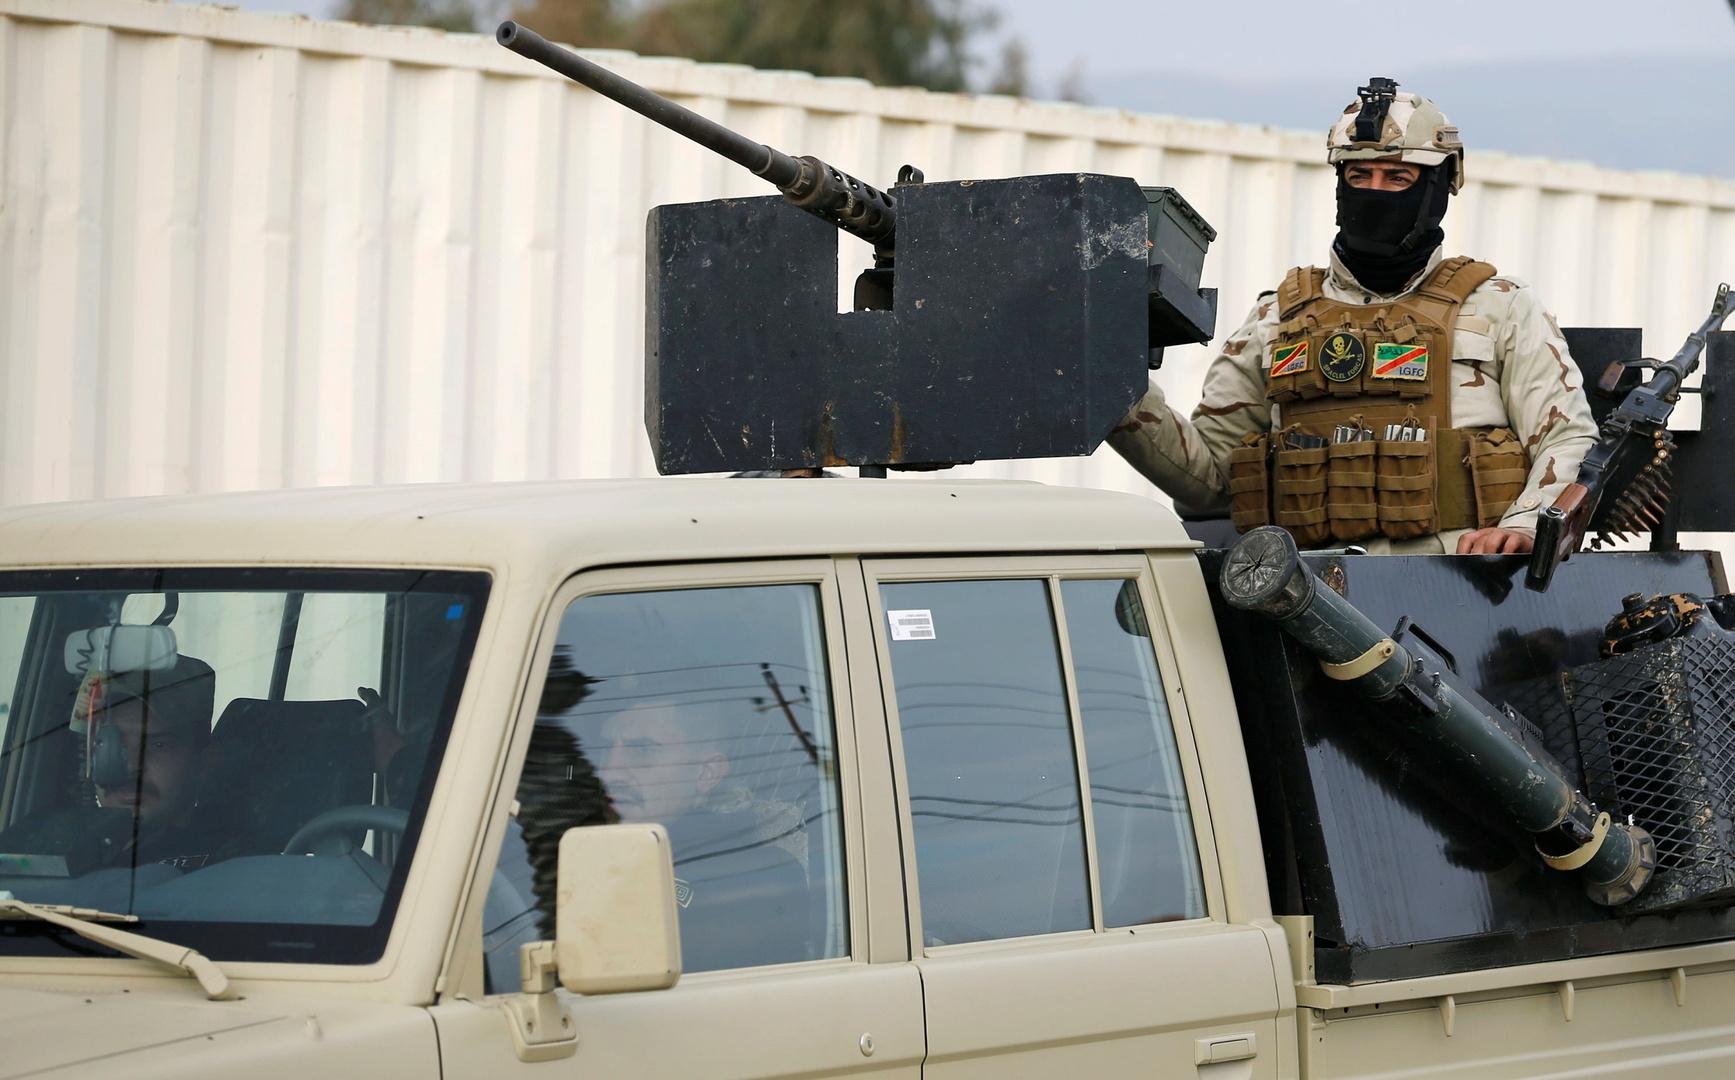 العراق.. المظاهر المسلحة تغادر سنجار والشرطة المحلية تنتشر فيه